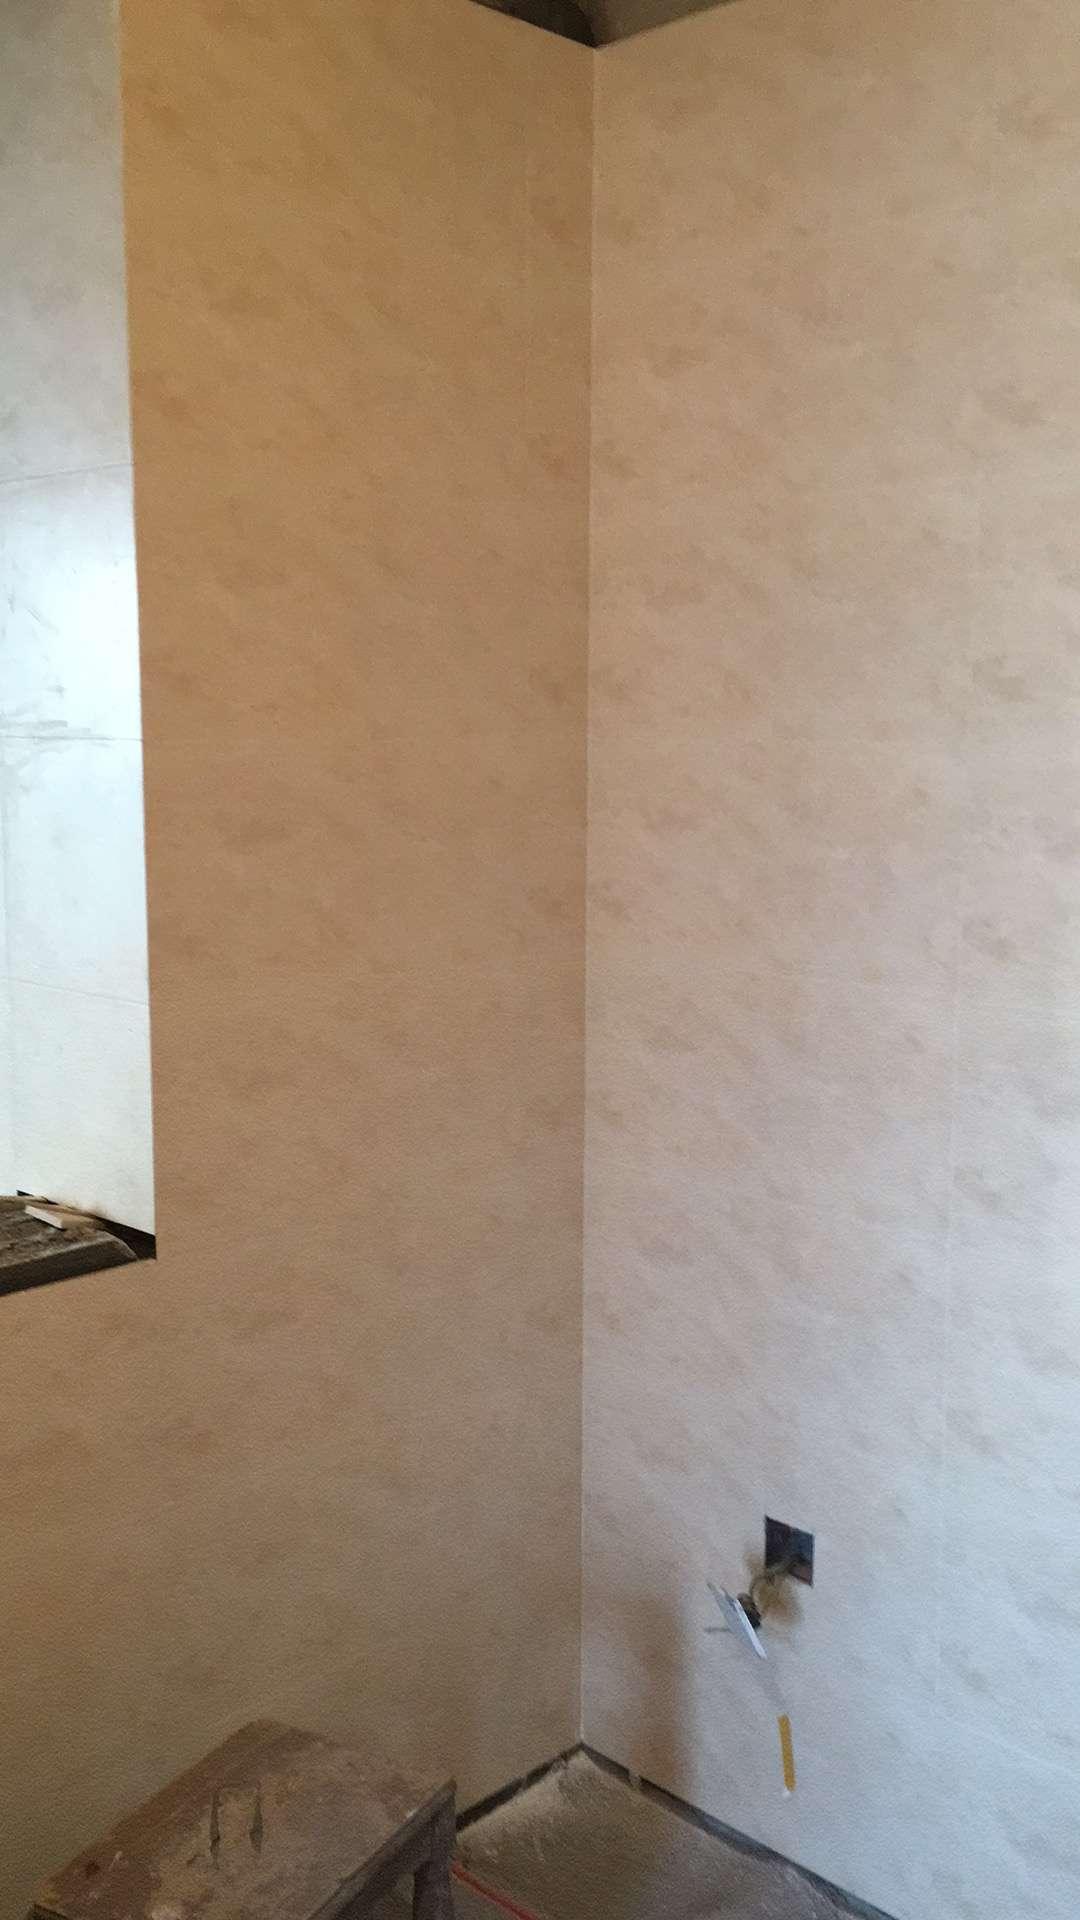 鹰牌陶瓷釉面砖浴室墙砖卫生间瓷片厨房耐磨抛釉砖瓷片缃玉TD0M4-T08E地砖【单片价,15片/箱】300x300mm